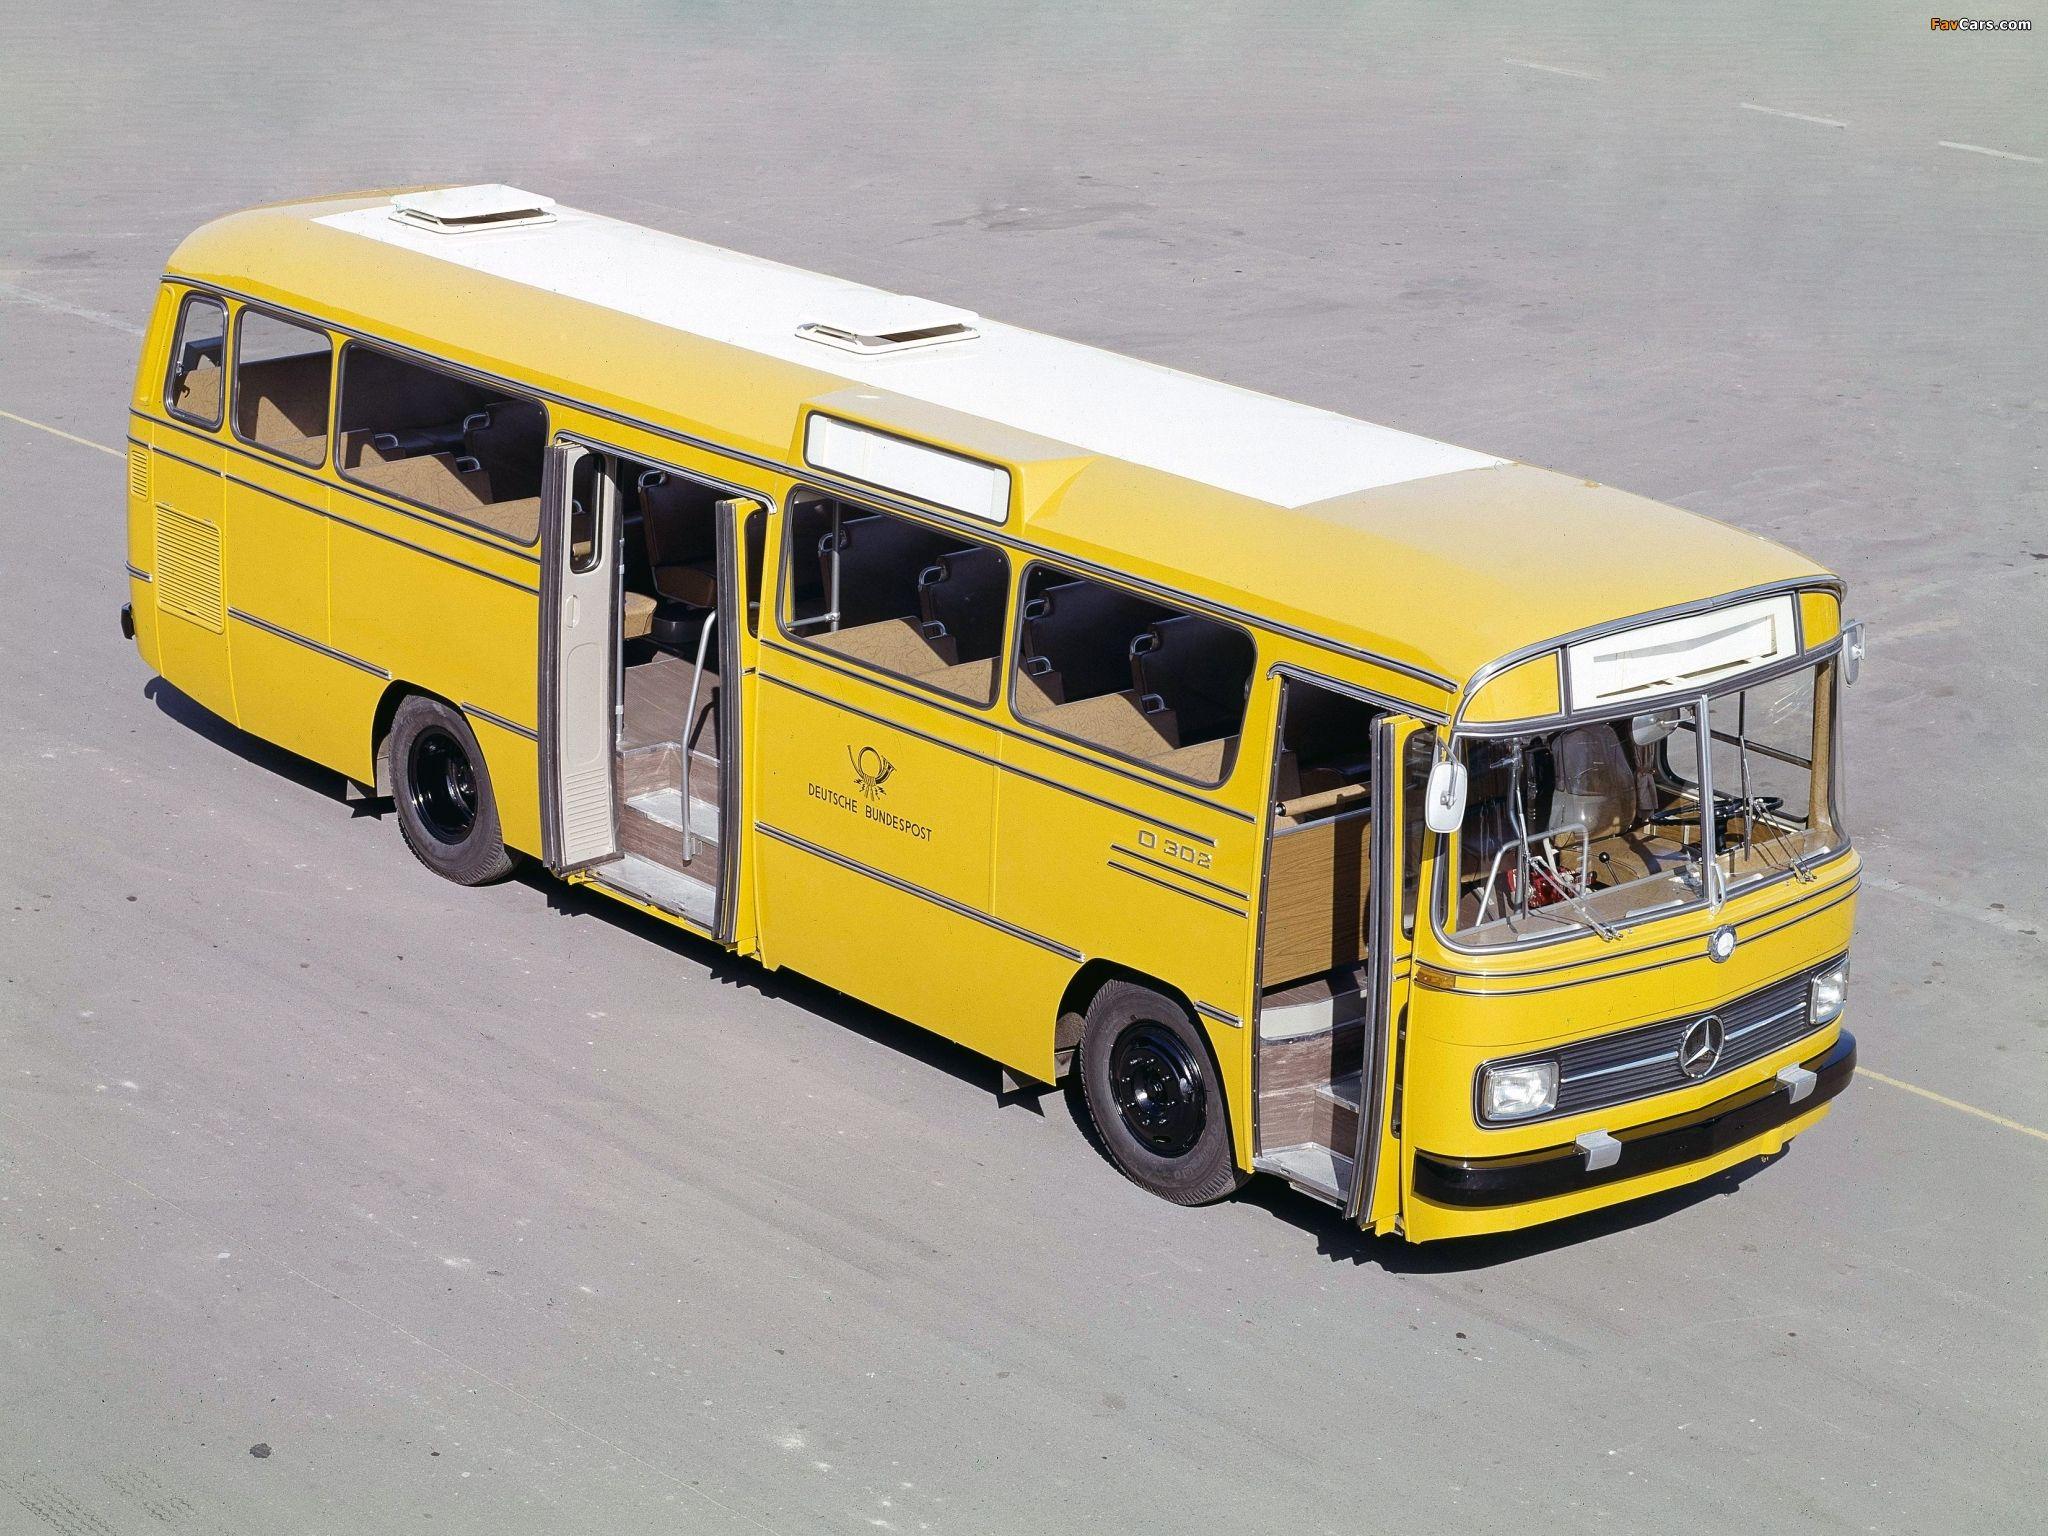 1971 mercedes benz o302 bus daimler ag de auto mercedes benz de - Hd Wallpaper For Backgrounds Mercedes Benz Car Tuning Mercedes Benz And Concept Car Mercedes Benz Wallpapers